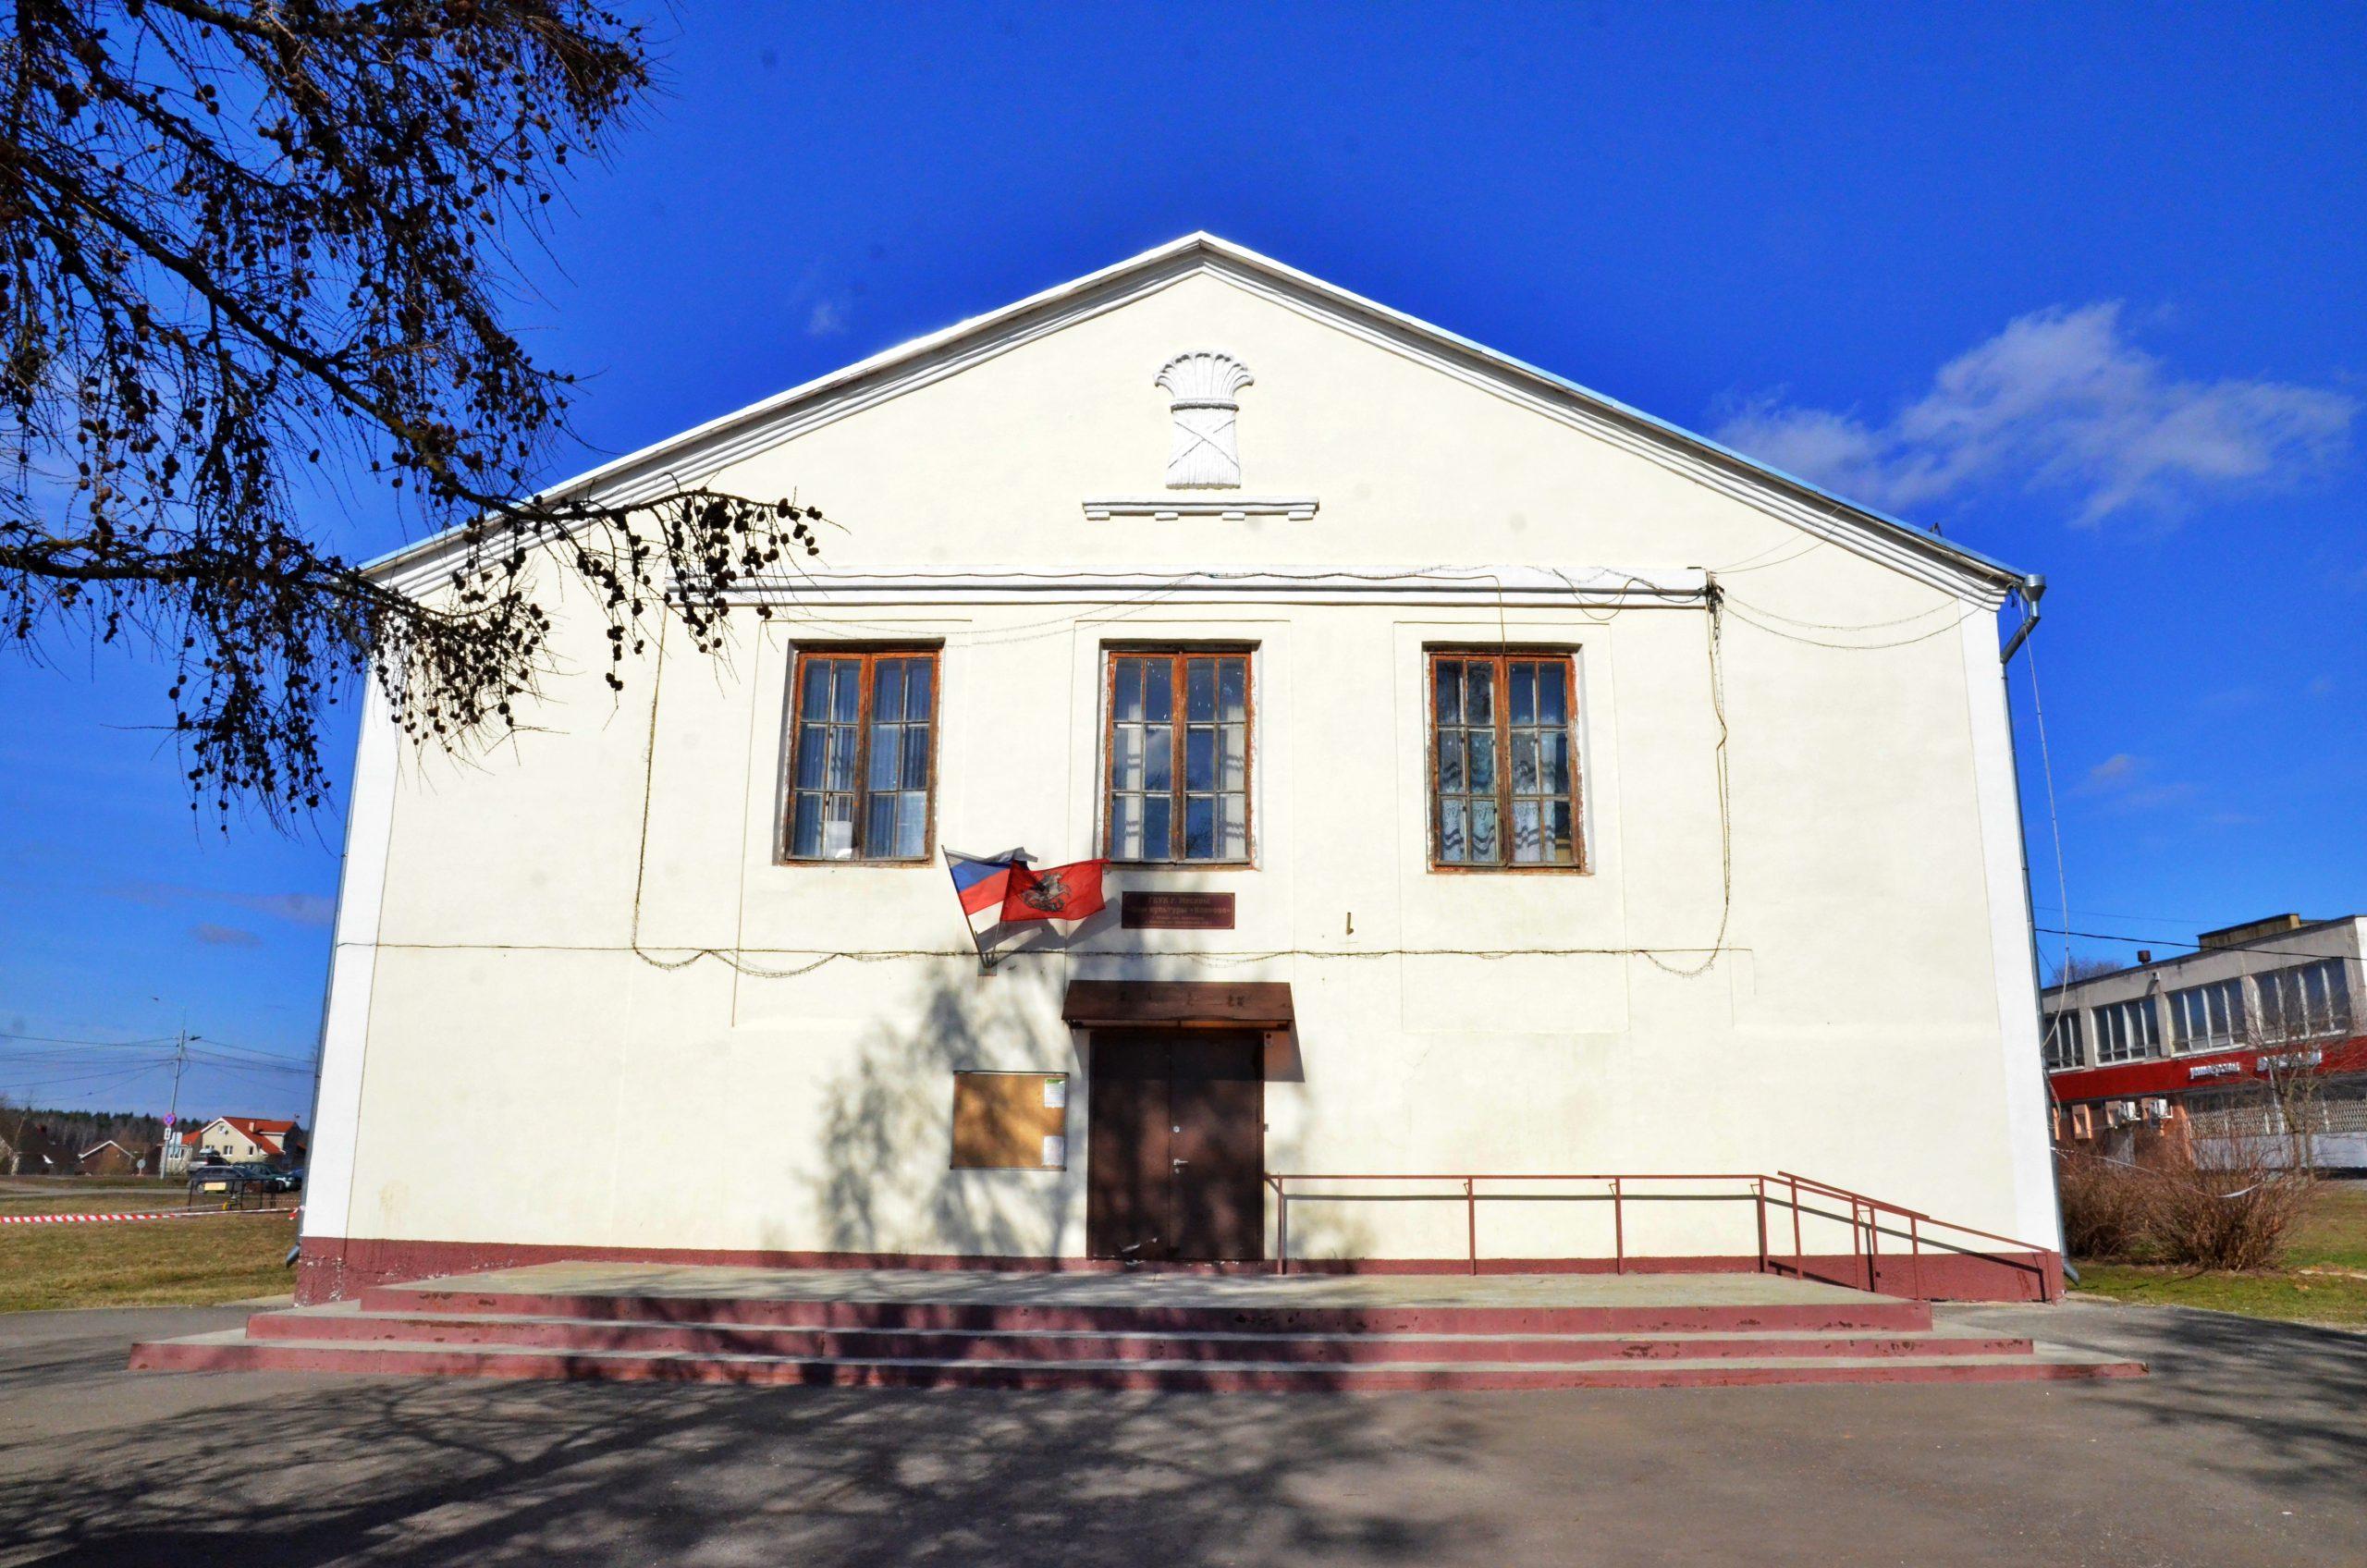 Сотрудники Дома культуры «Кленово» провели собрание для подготовки к городскому конкурсу